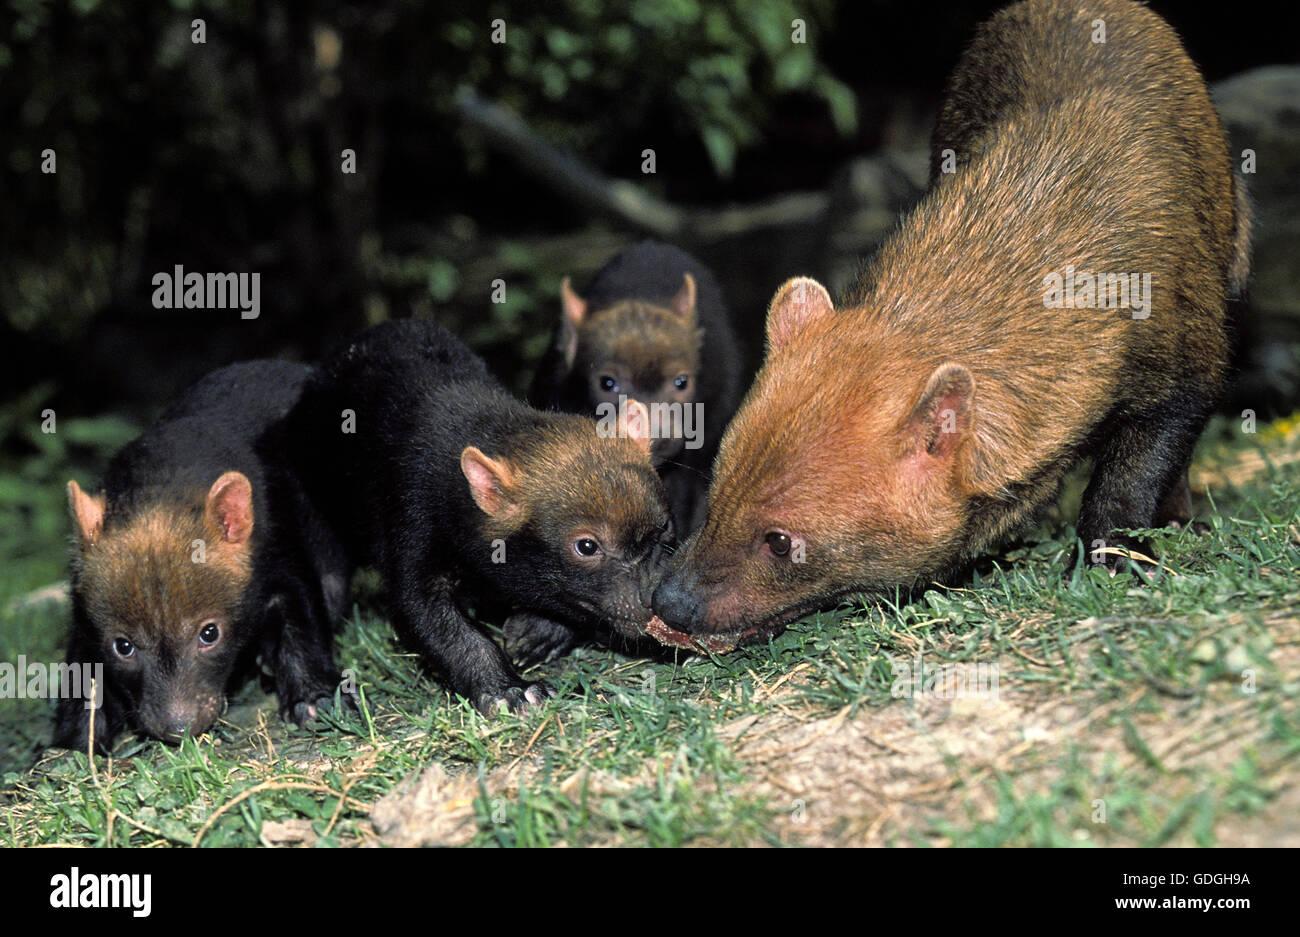 Bush Hund oder Essig Fox, Speothossogar Venaticus, Mutter mit Jungtier Stockfoto